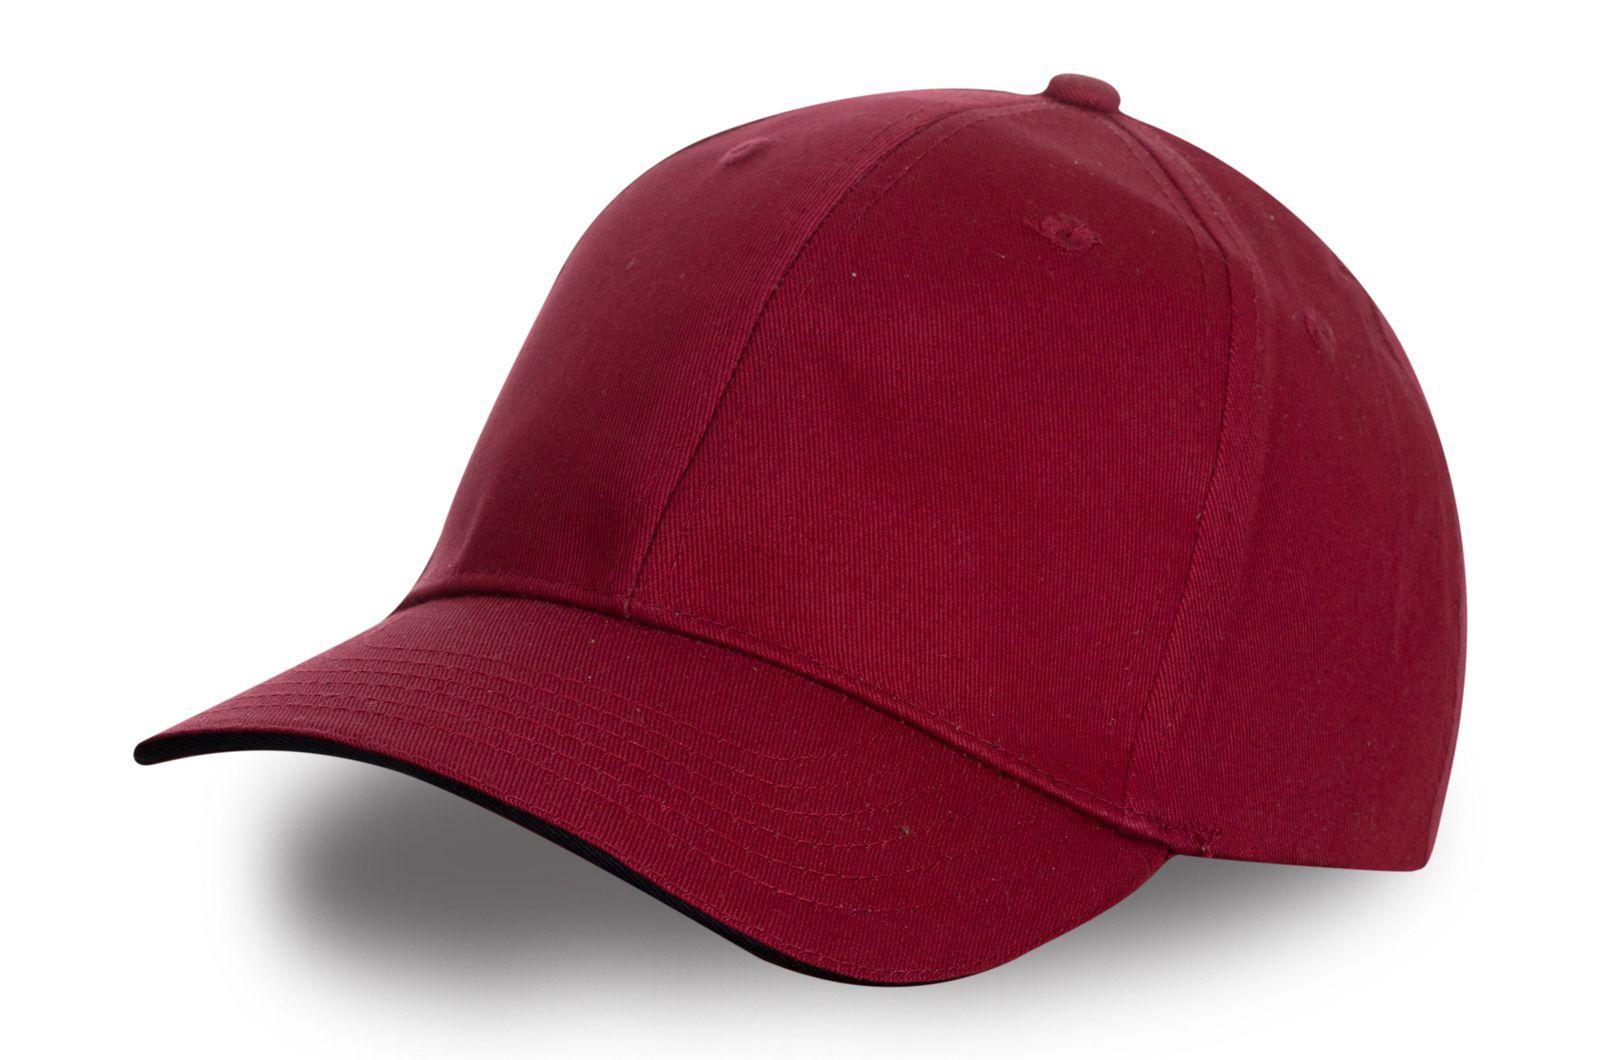 Бейсболка рубиновая | Заказать модную бейсболку